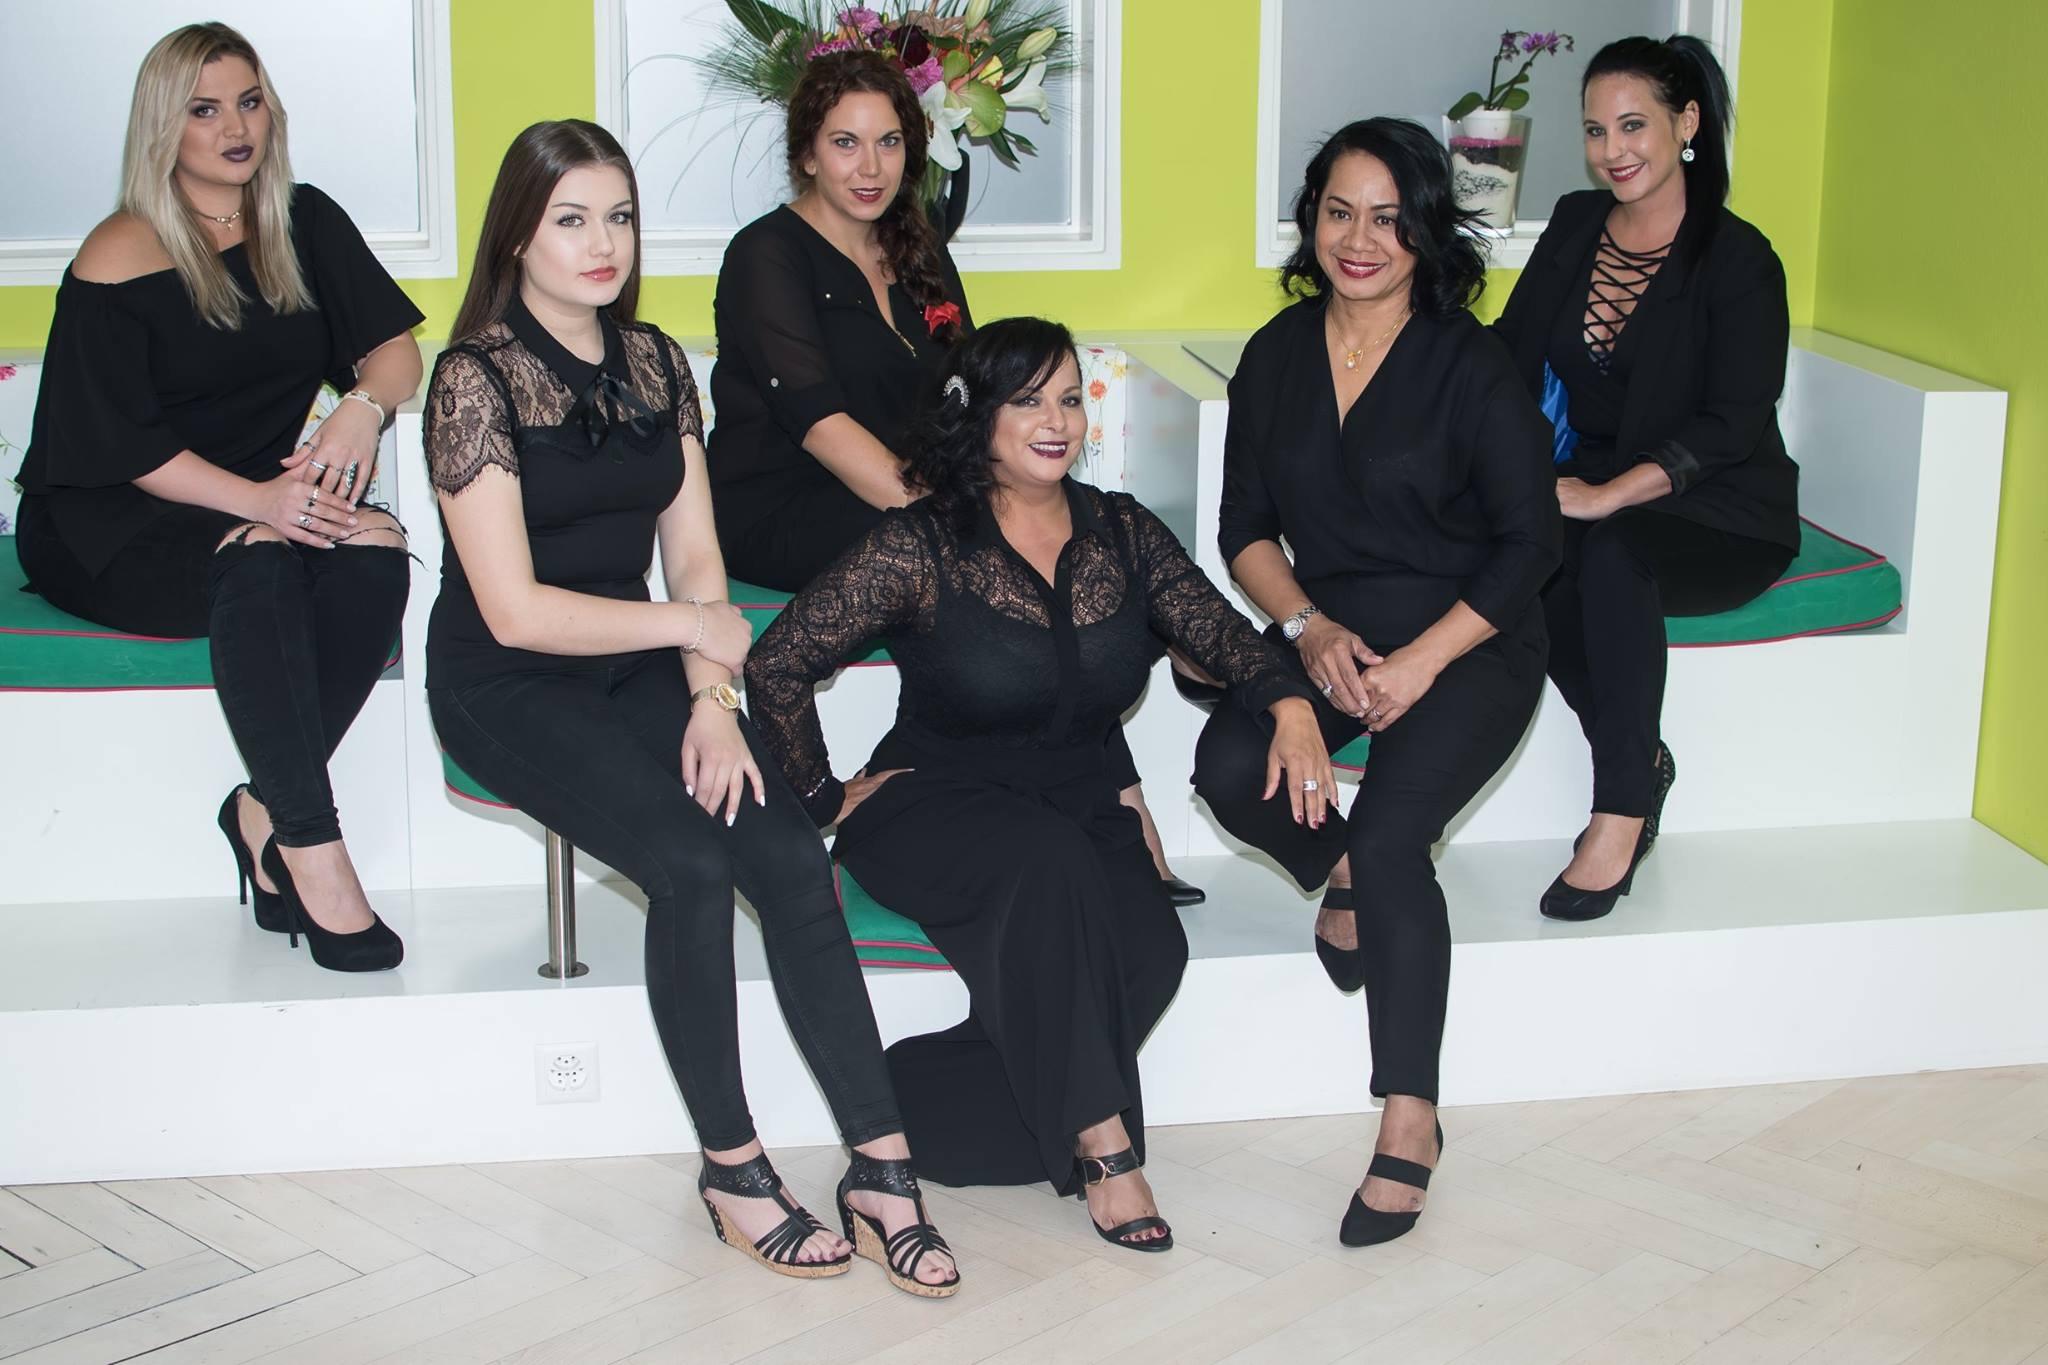 Celeste Cosmetic crew